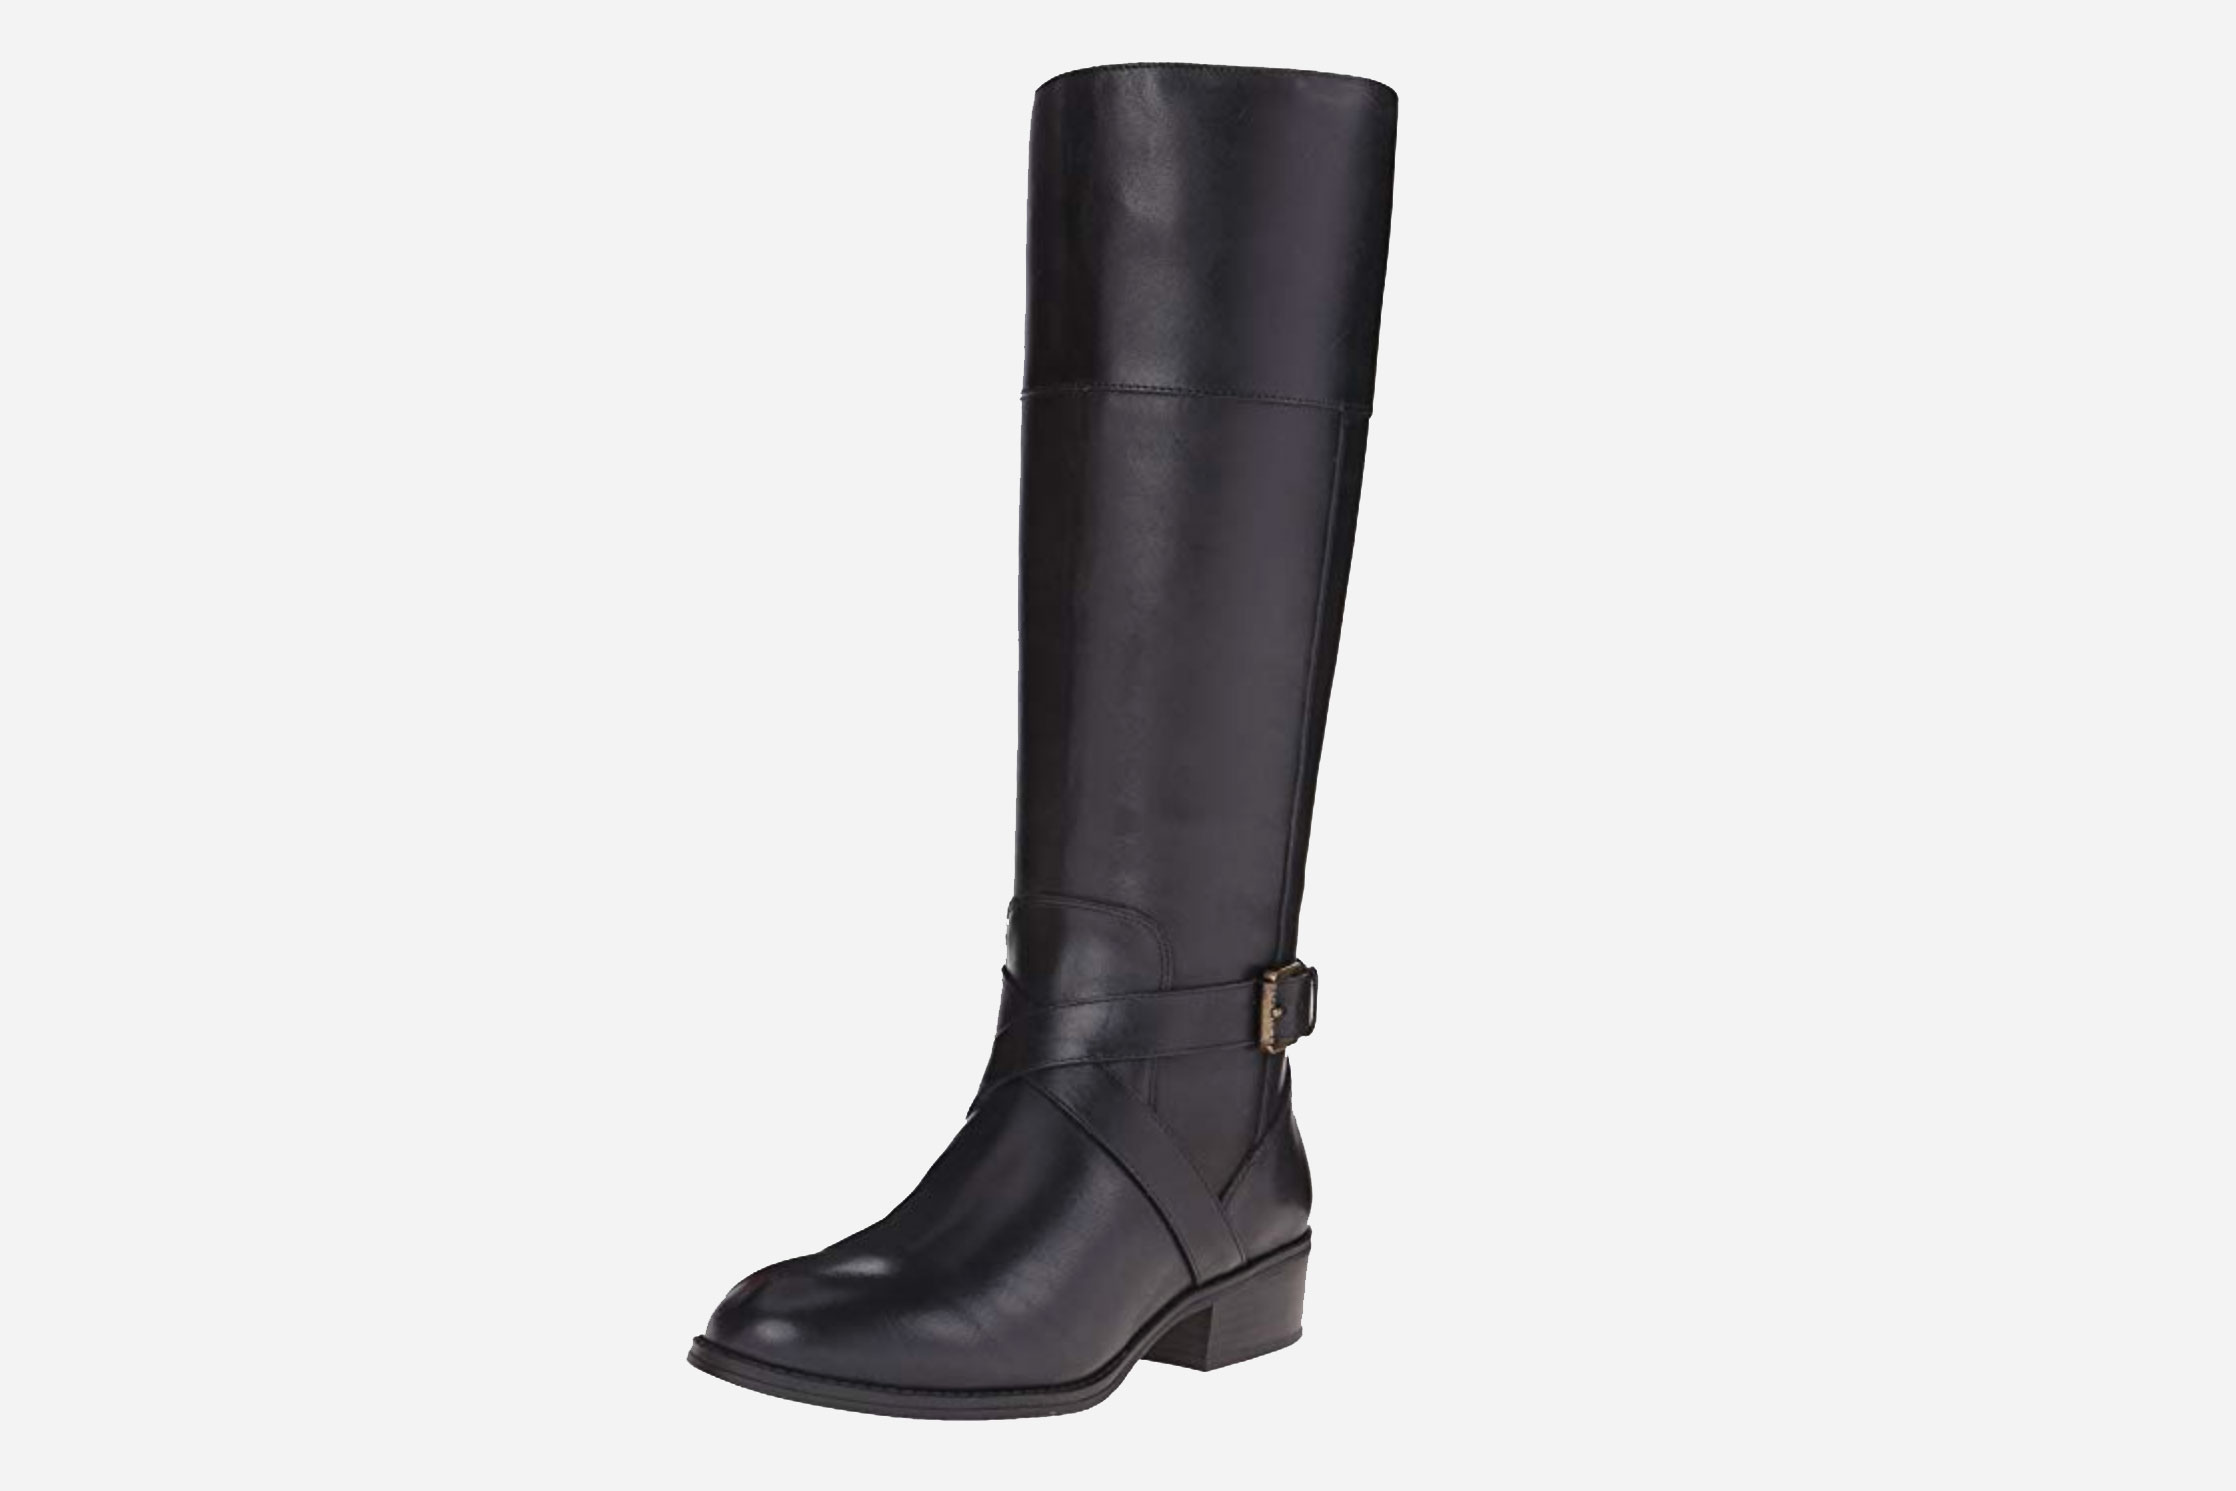 Ralph Lauren Maryann Riding Boot